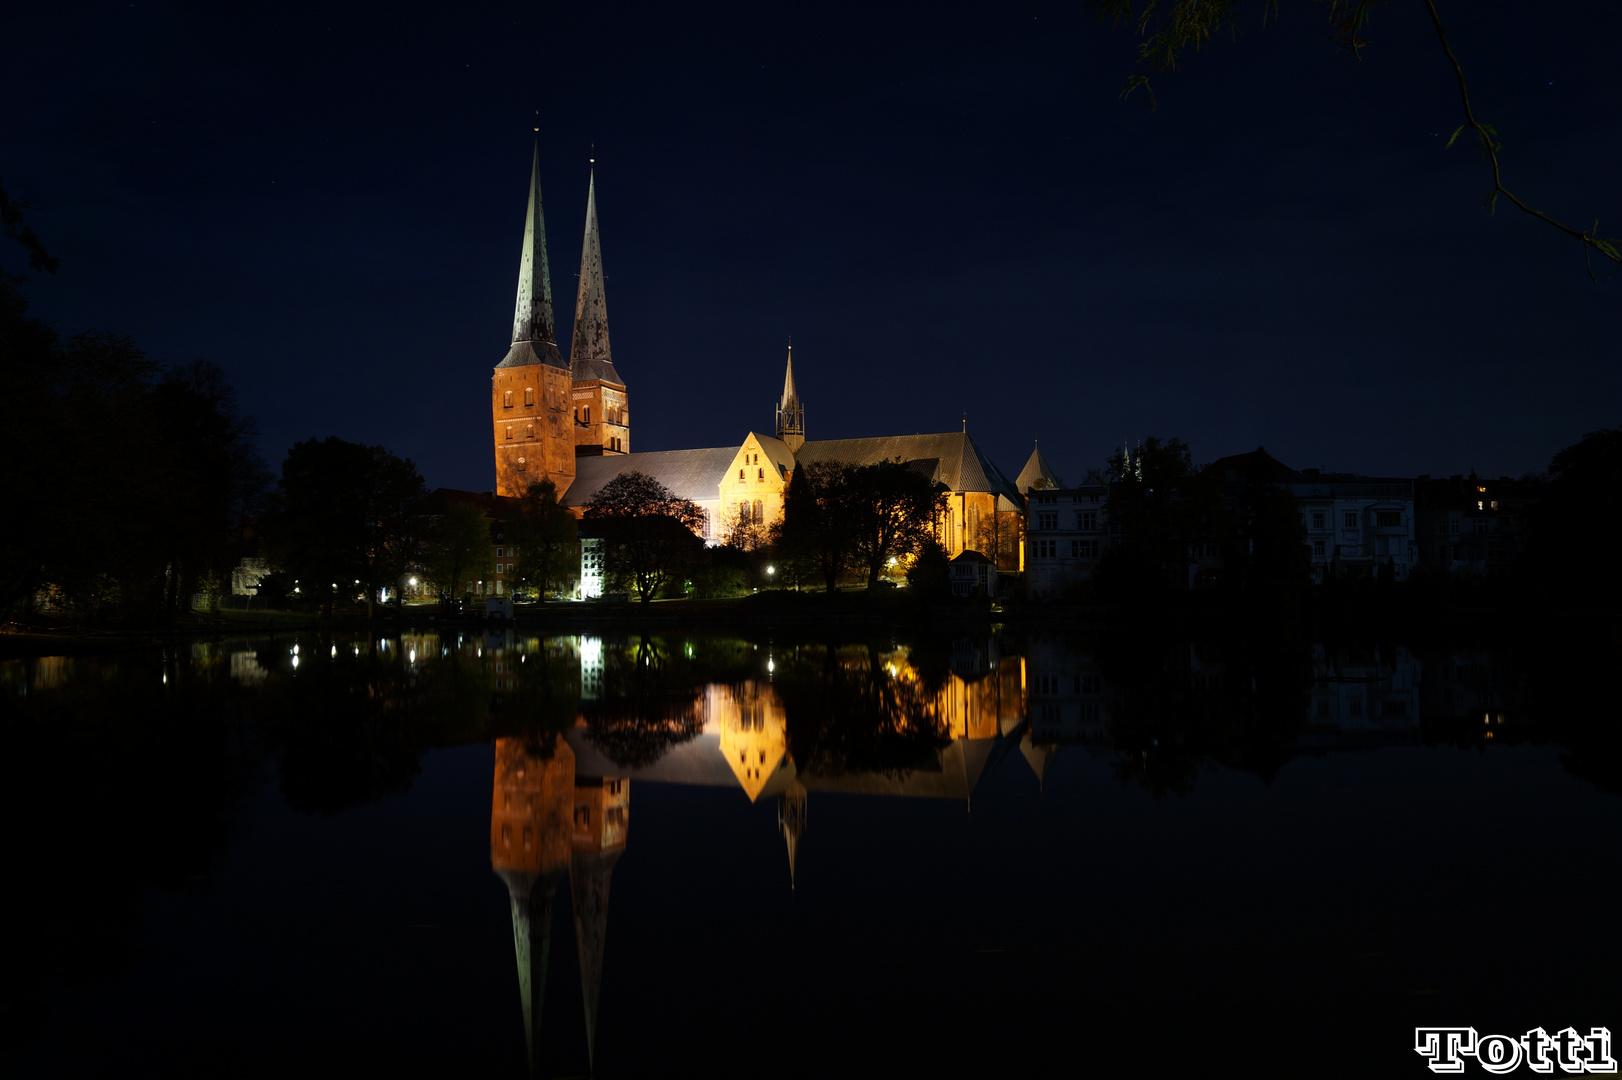 Der Dom von Lübeck